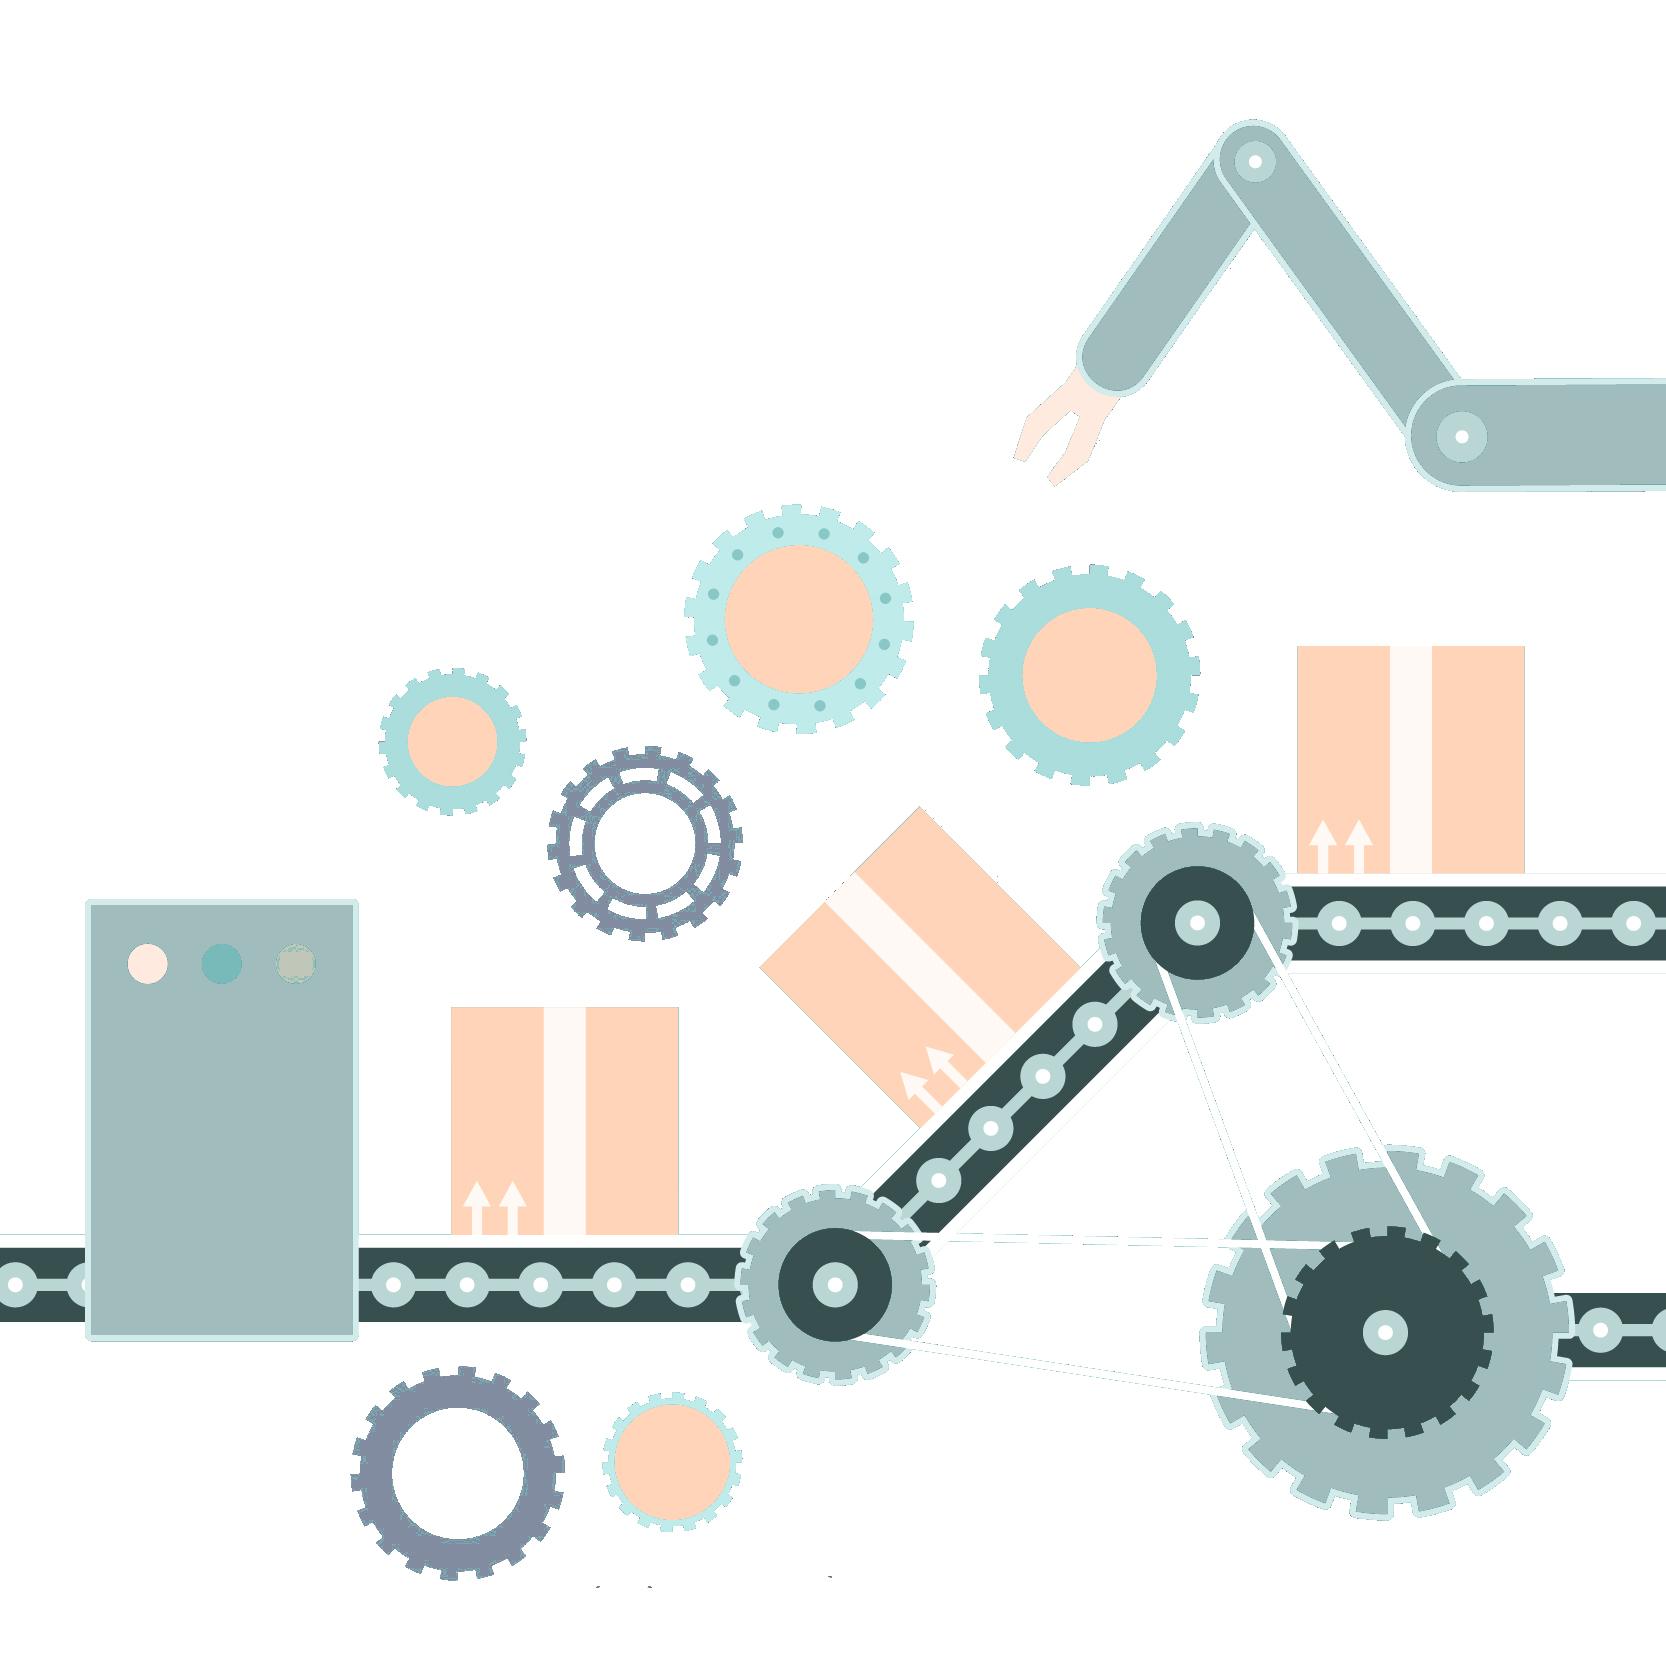 Production Line output